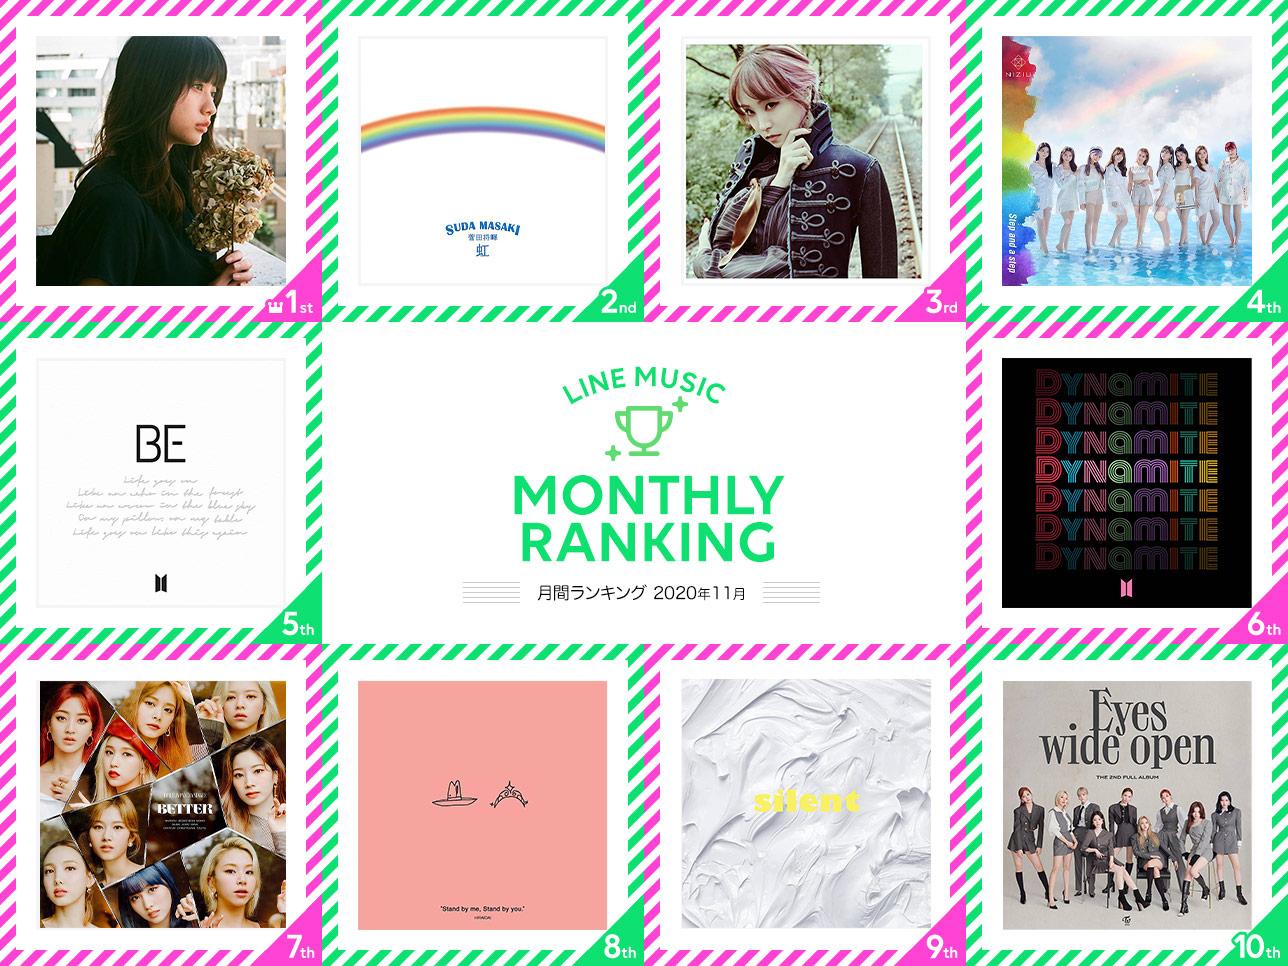 【LINE MUSIC月間ランキング:2020年11月】優里「ドライフラワー」が1位!2位は、映画主題歌でもある 菅田将暉「虹」。NiziUのデビュー曲「Step and a step」もランクイン!